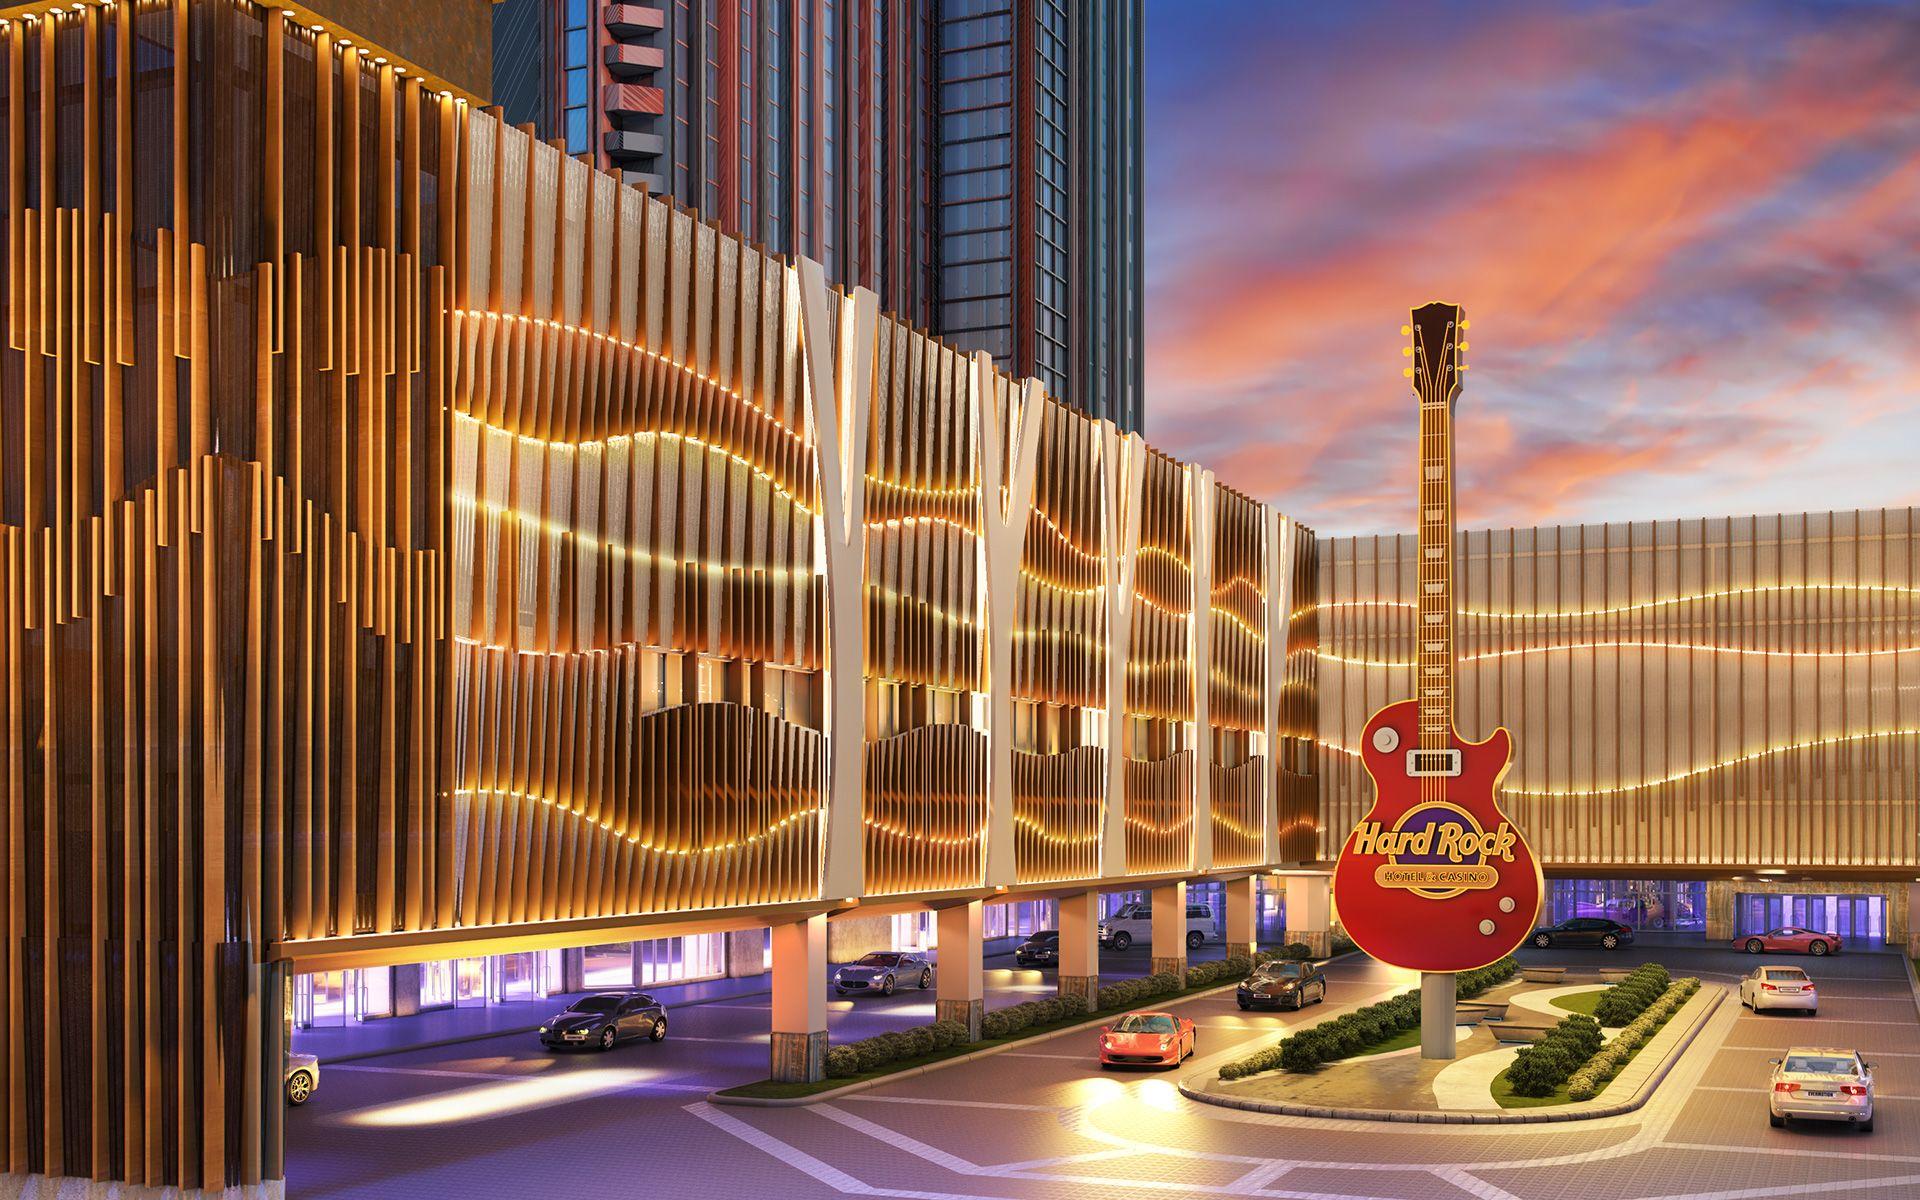 Jeux Atlantic casino : analyse et avis sincère